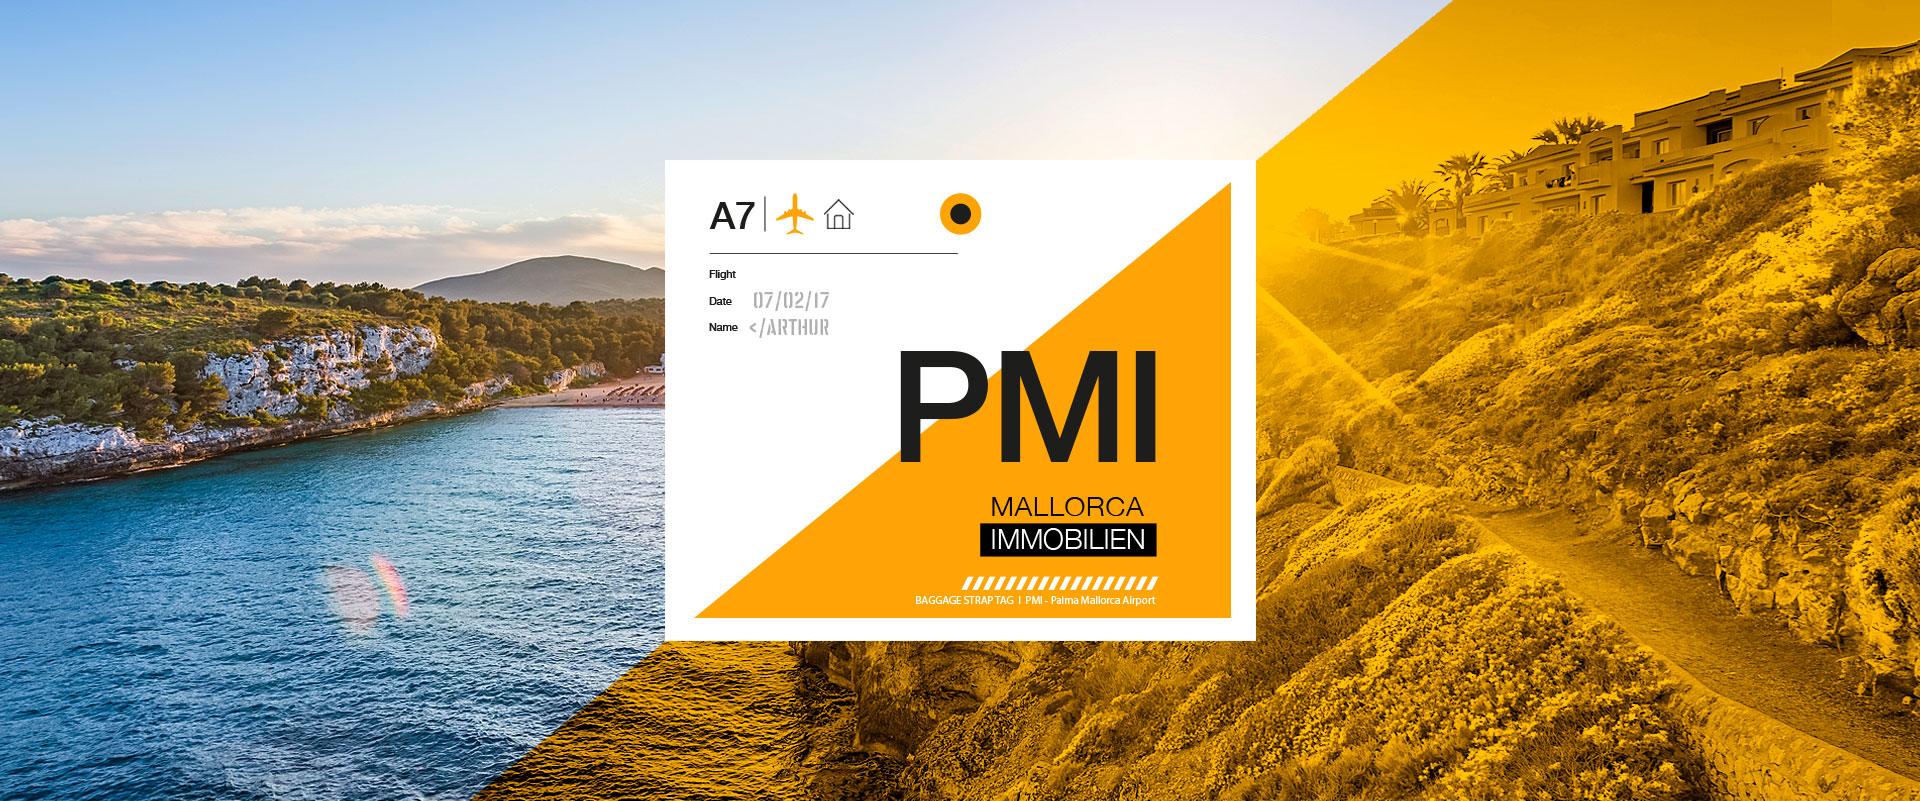 Mallorca Immobilien Headbild